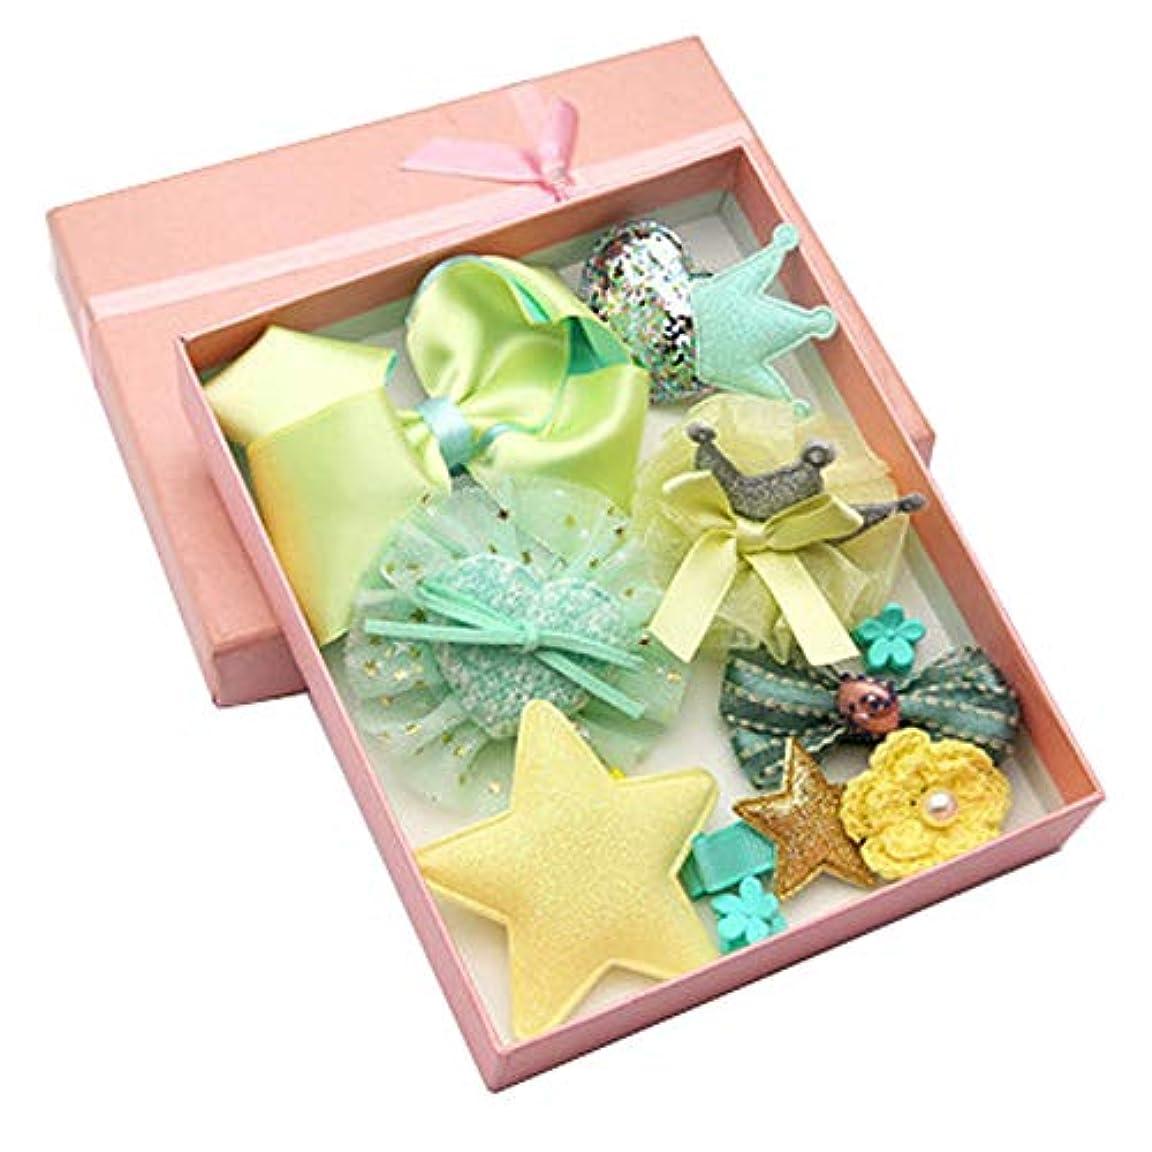 しつけ遊び場会話Lazayyii 子供用ヘアアクセサリー赤ちゃん誕生日ギフト (グリーン)